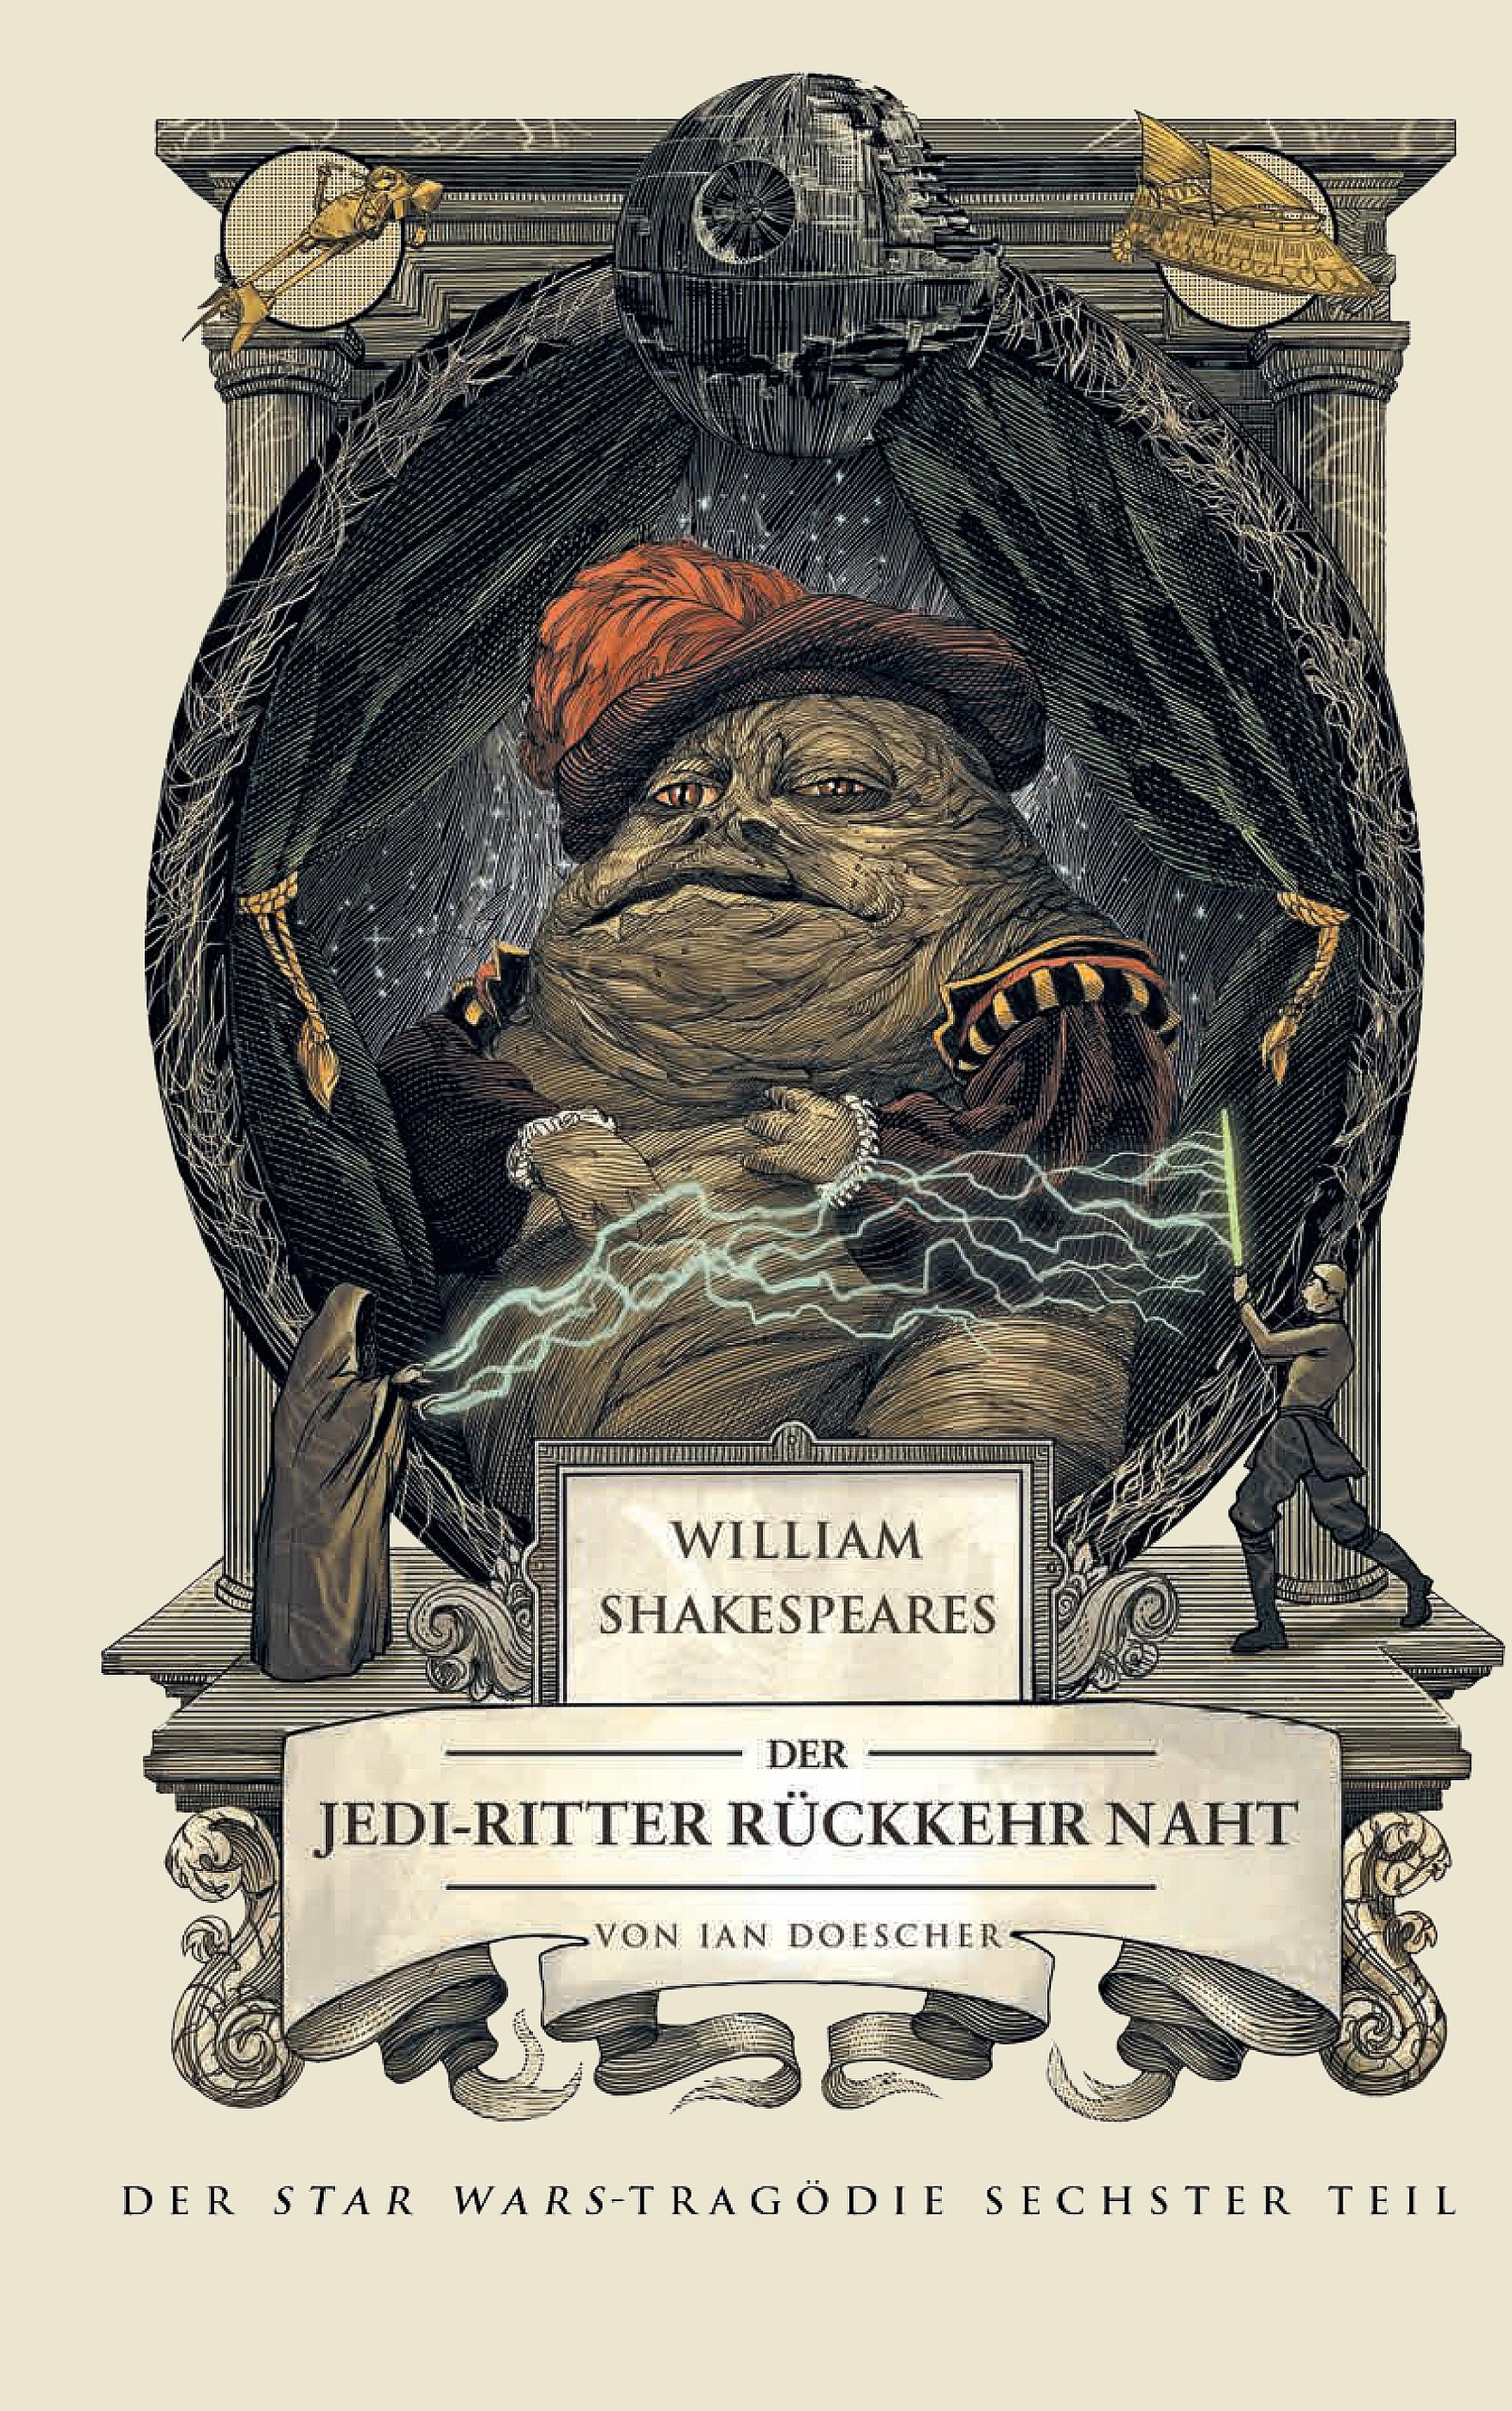 William Shakespeares Star Wars: Der Jedi-Ritter Rückkehr naht